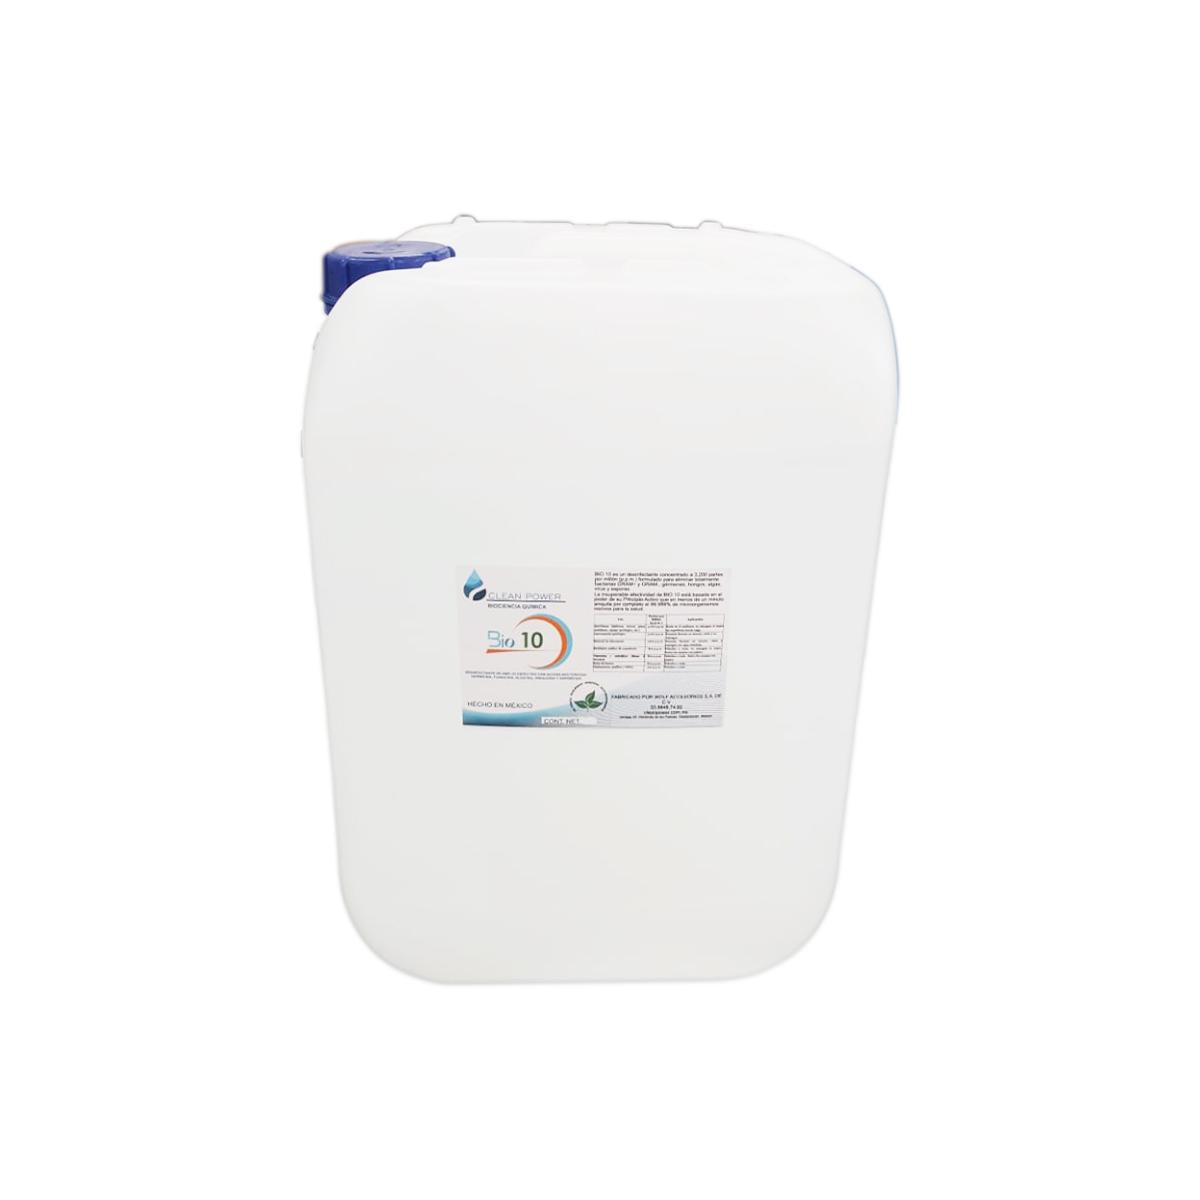 Desinfectante Limpiador Pelicula Protectora Para Mnos Capa 4 Horas 5 L Hogar Bio 10